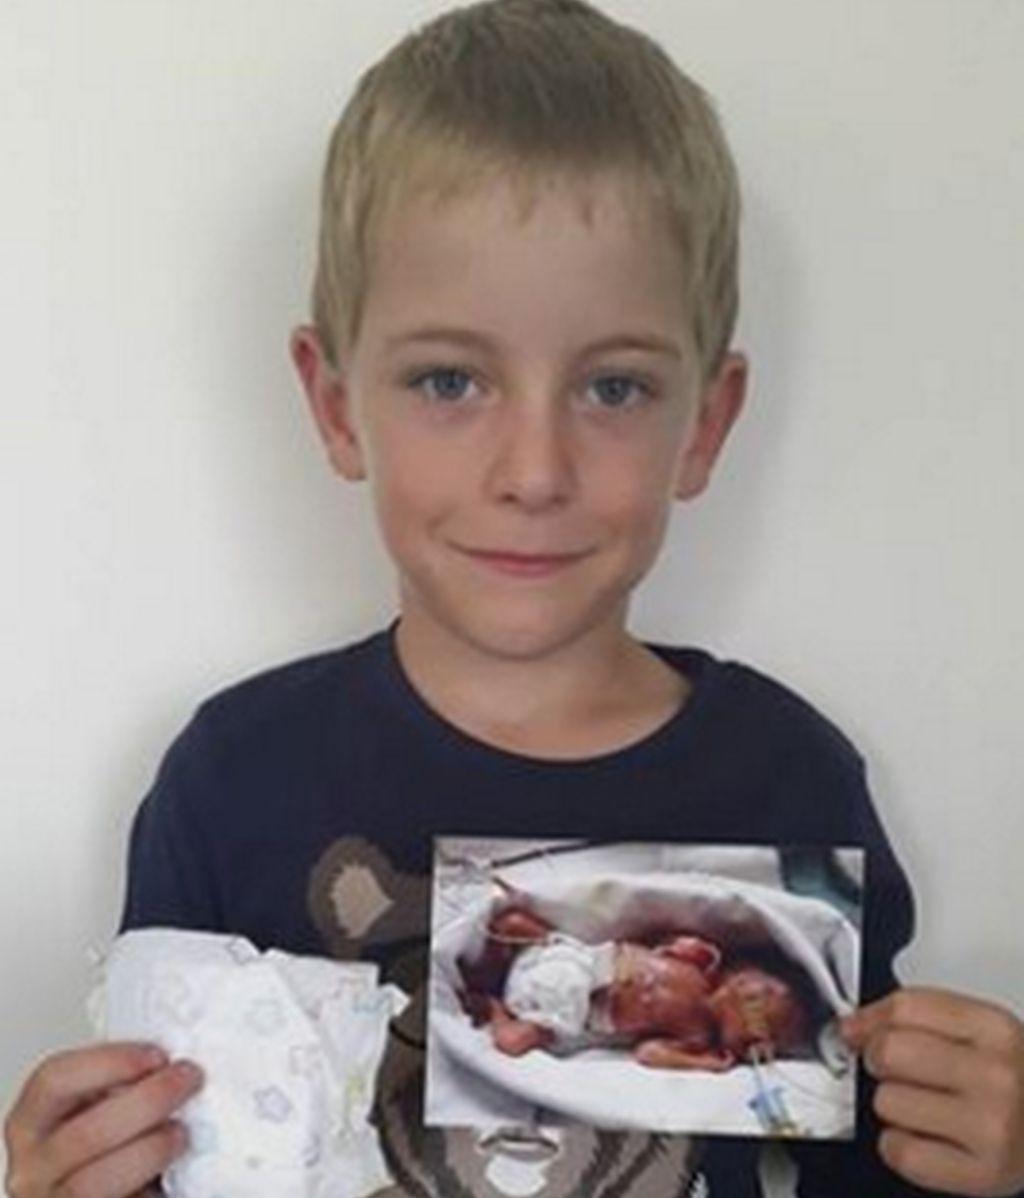 La asociuación L'il Aussie Prems Fundation, aporta asistencia psicológica y económica a los padres